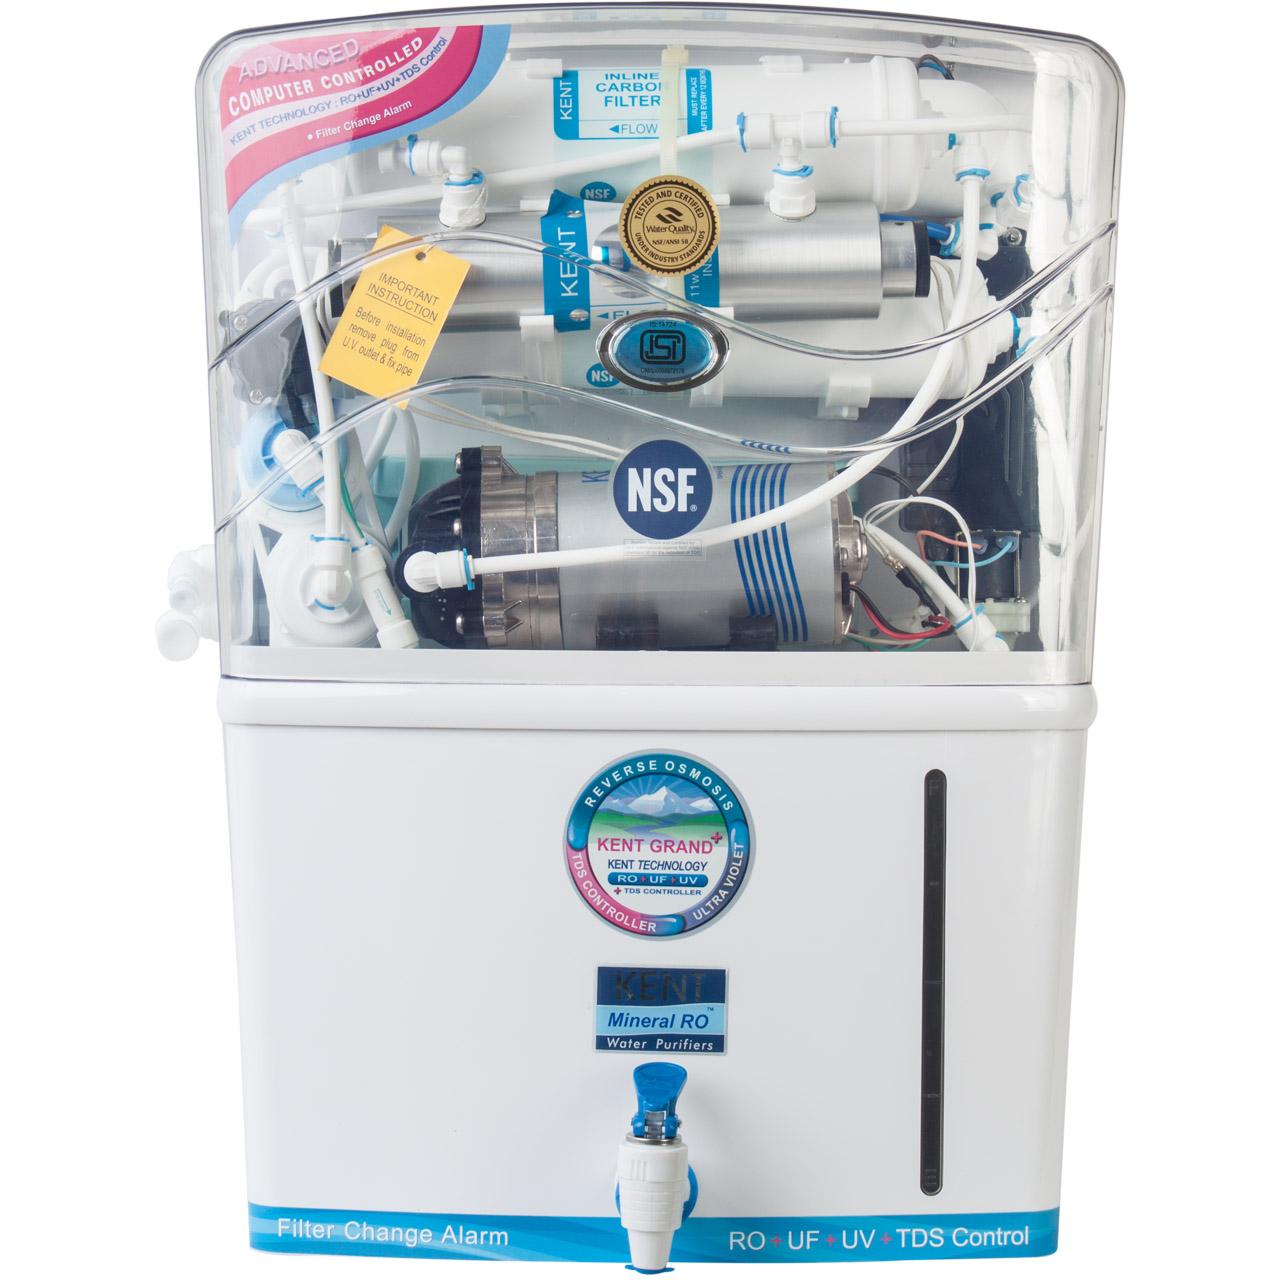 دستگاه تصفیه آب شش مرحله ای AGM با قطعات تایوانی